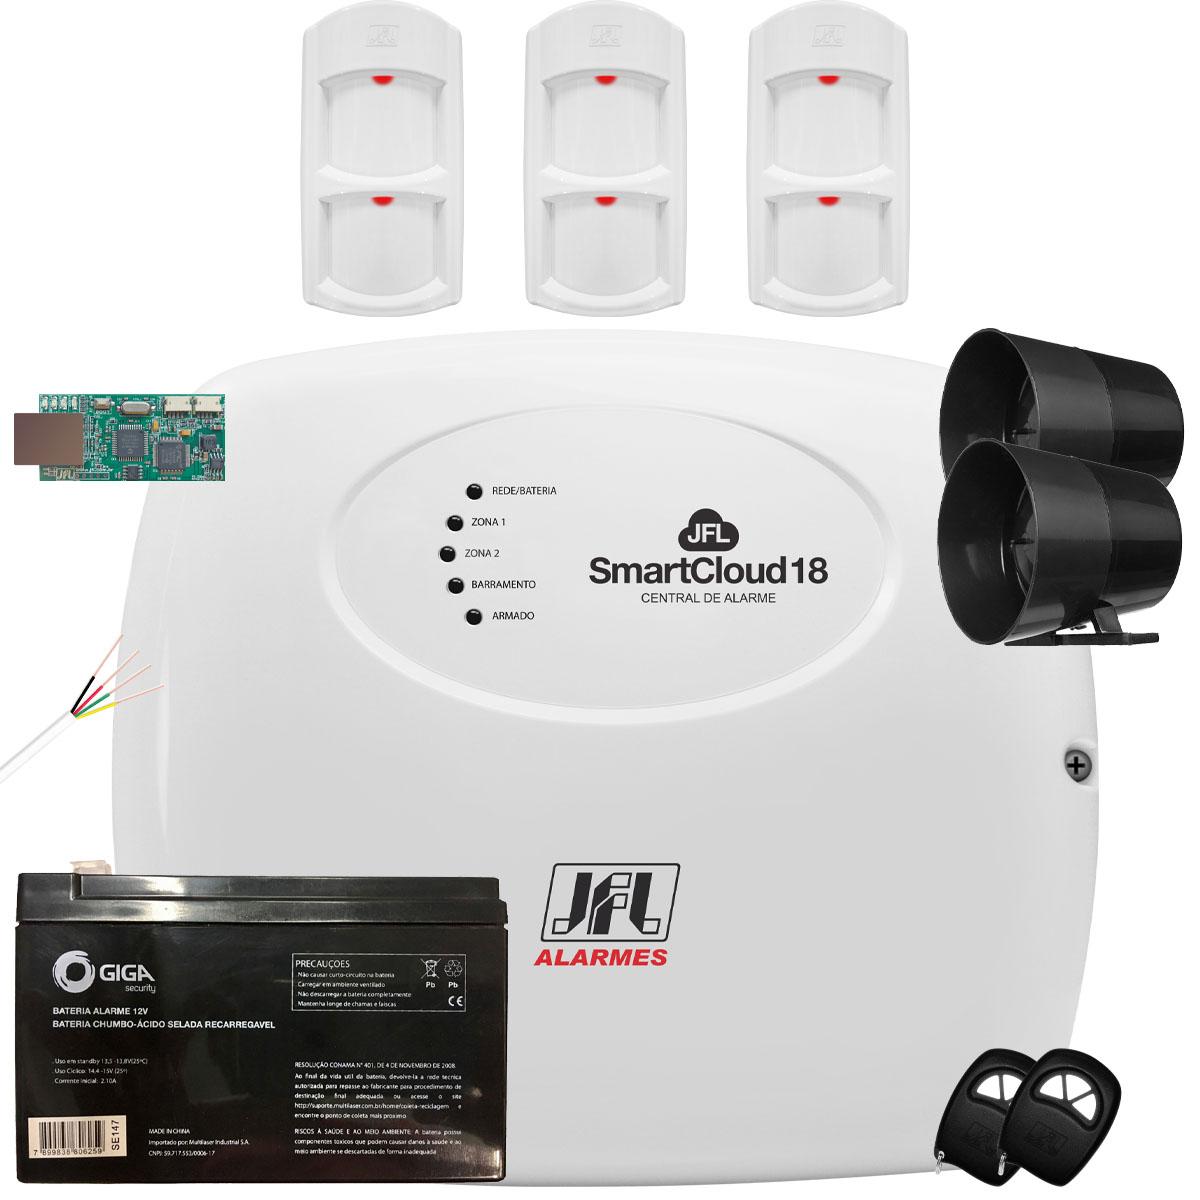 Kit Alarme SmartCloud 18 Jfl com Sensor Pet 30Kg IRD 640